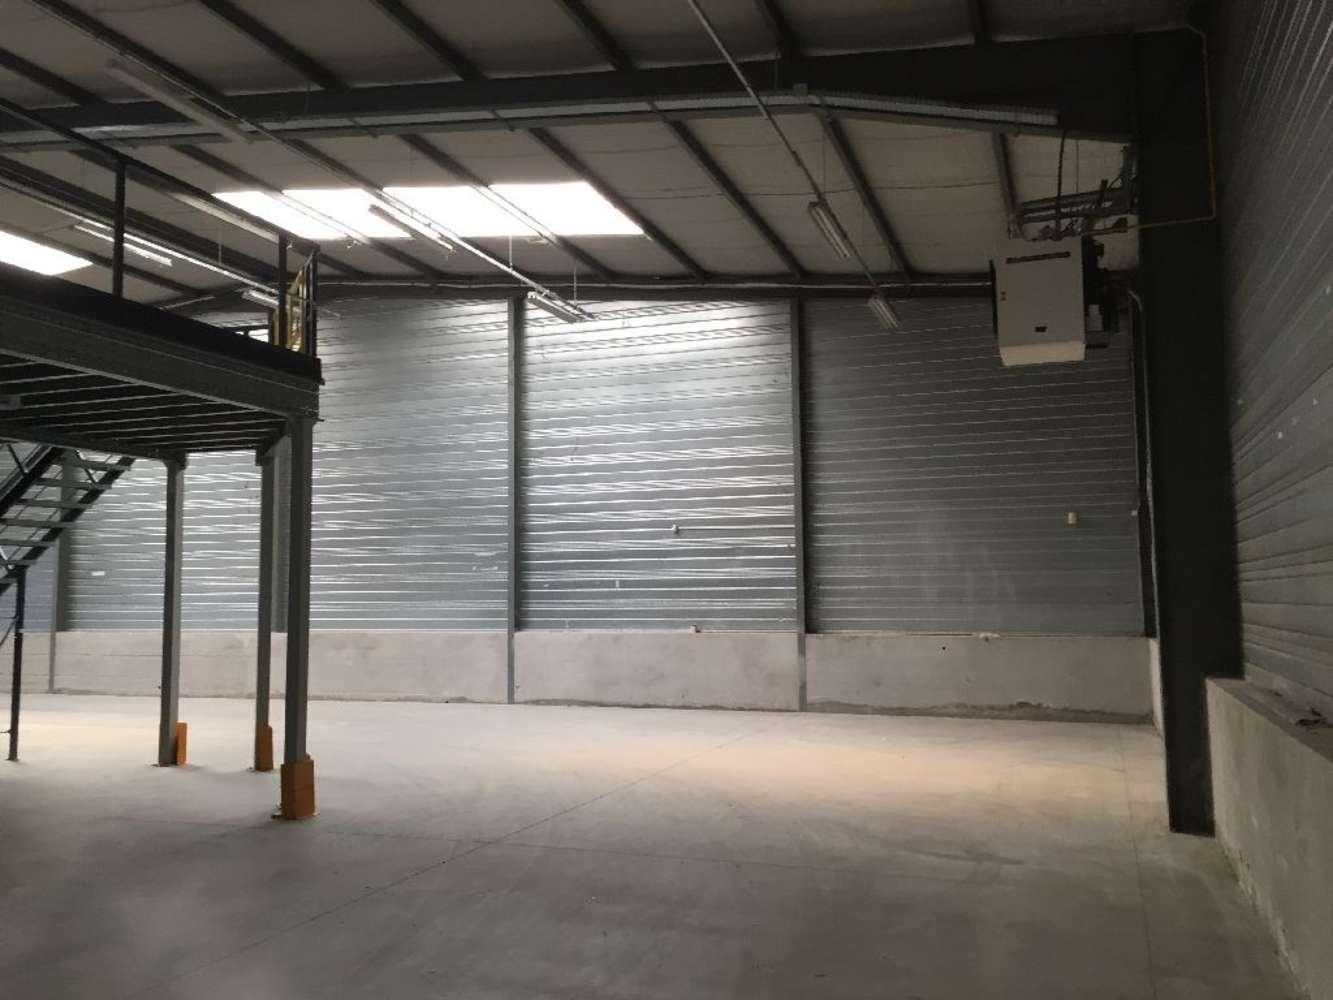 Activités/entrepôt Vaulx en velin, 69120 - Location entrepot Lyon - Vaulx en Velin - 9632152